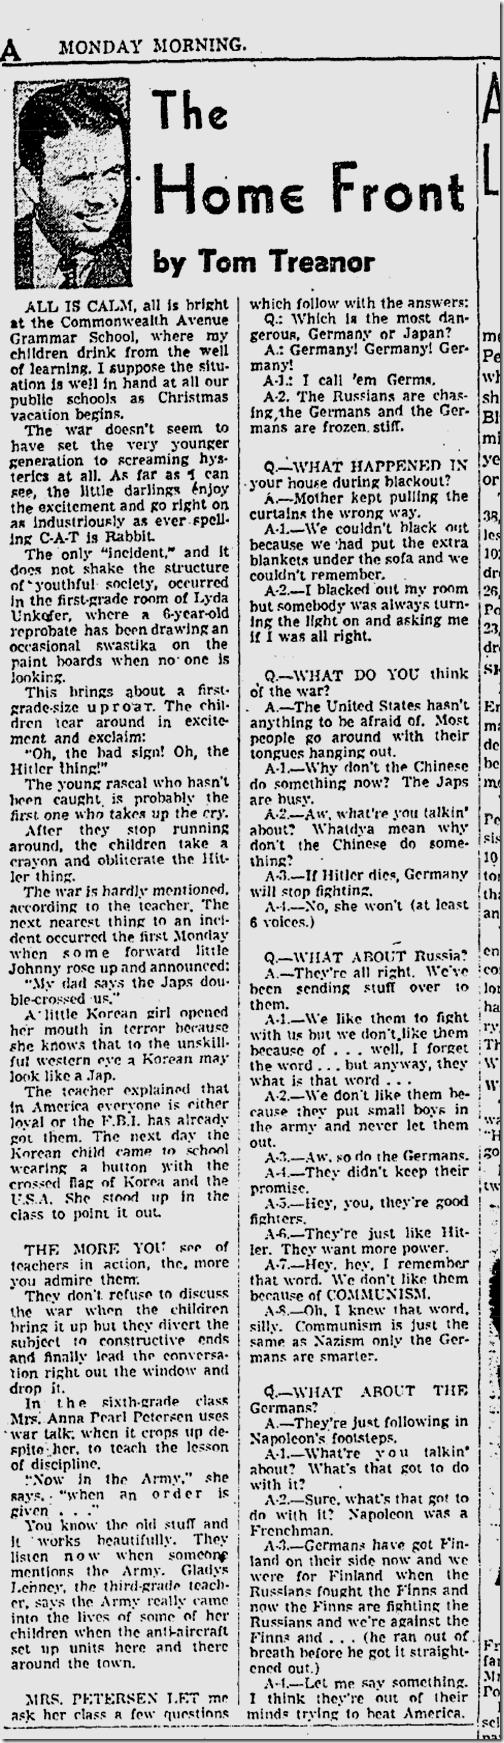 Dec. 22, 1941, Tom Treanor